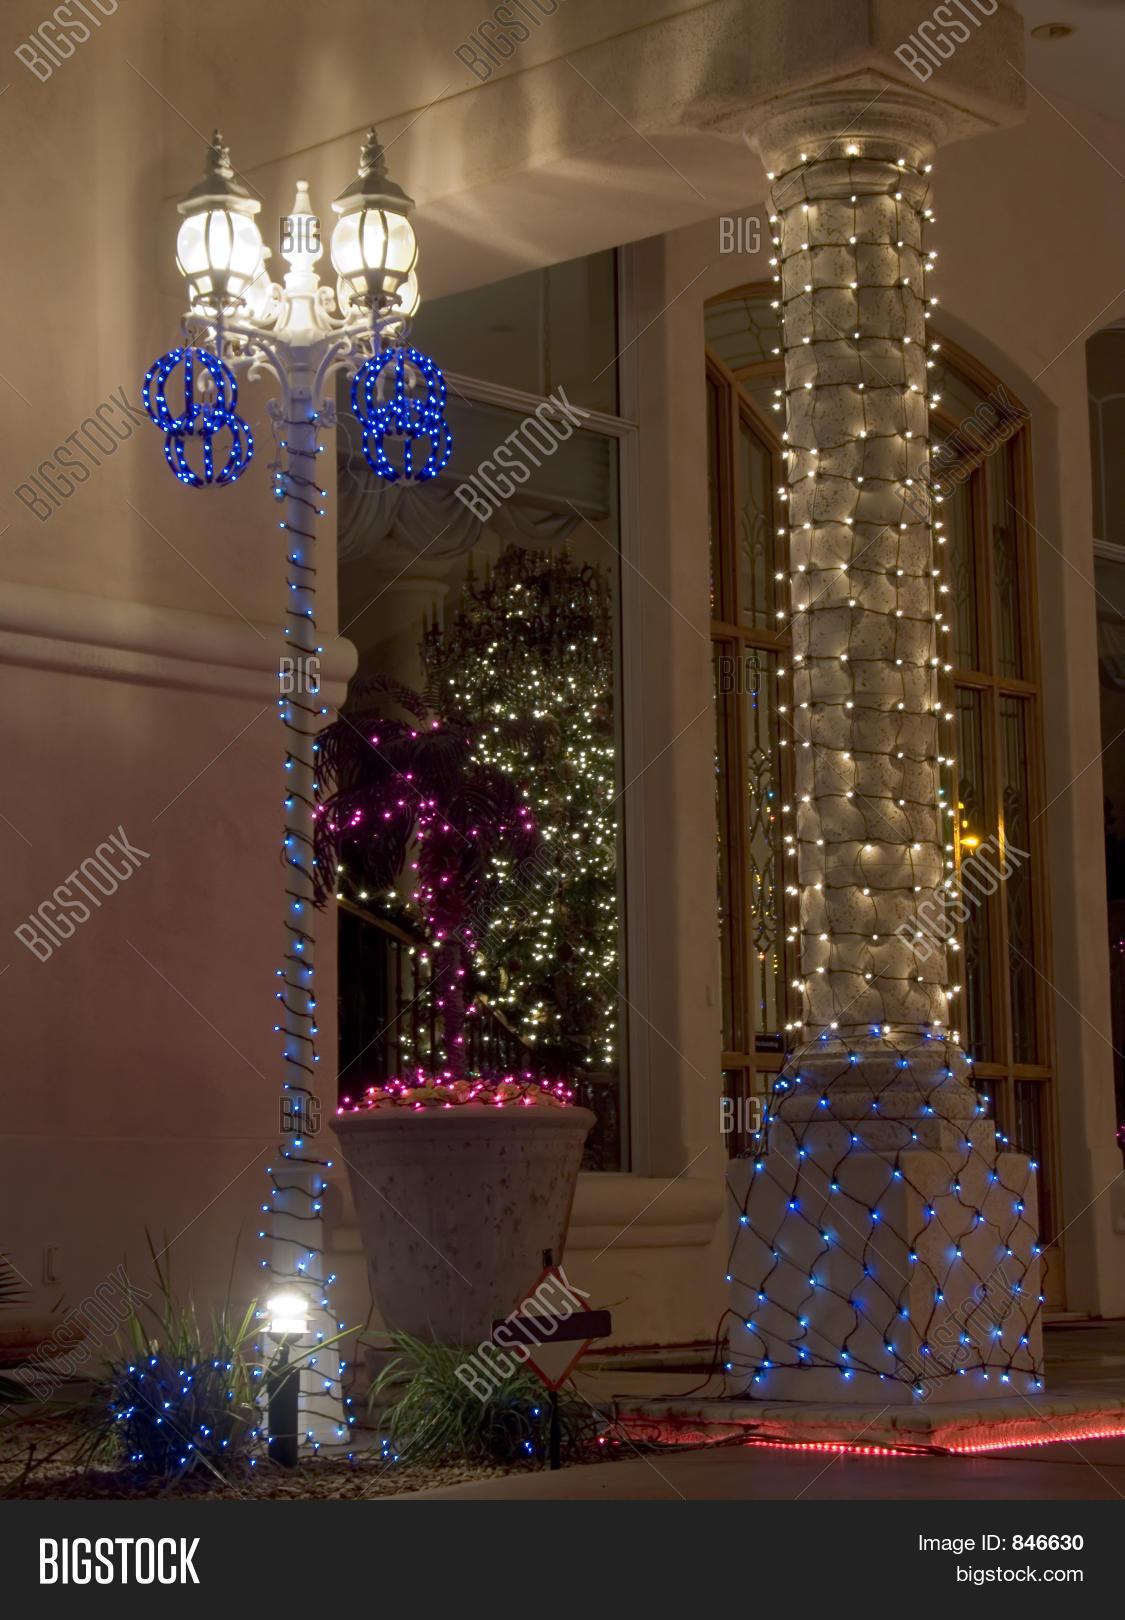 Imagen y foto navidad decorada prueba gratis bigstock for Puertas decoradas con guirnaldas